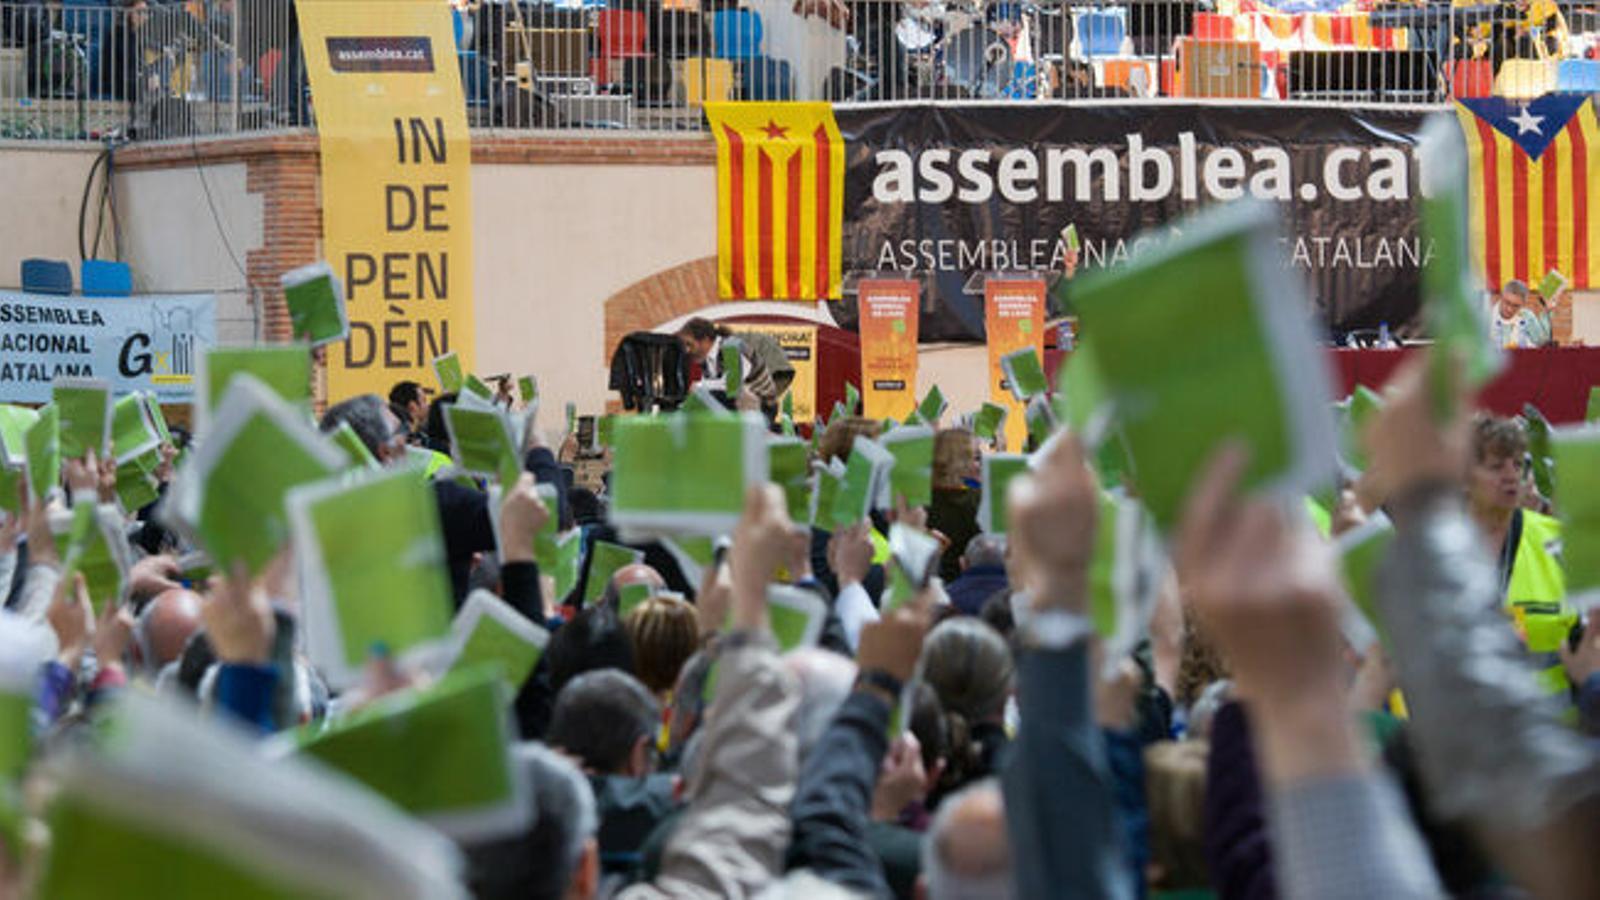 ANC-demanara-unilateral-eleccions-catalanes_2393770836_69435763_651x366